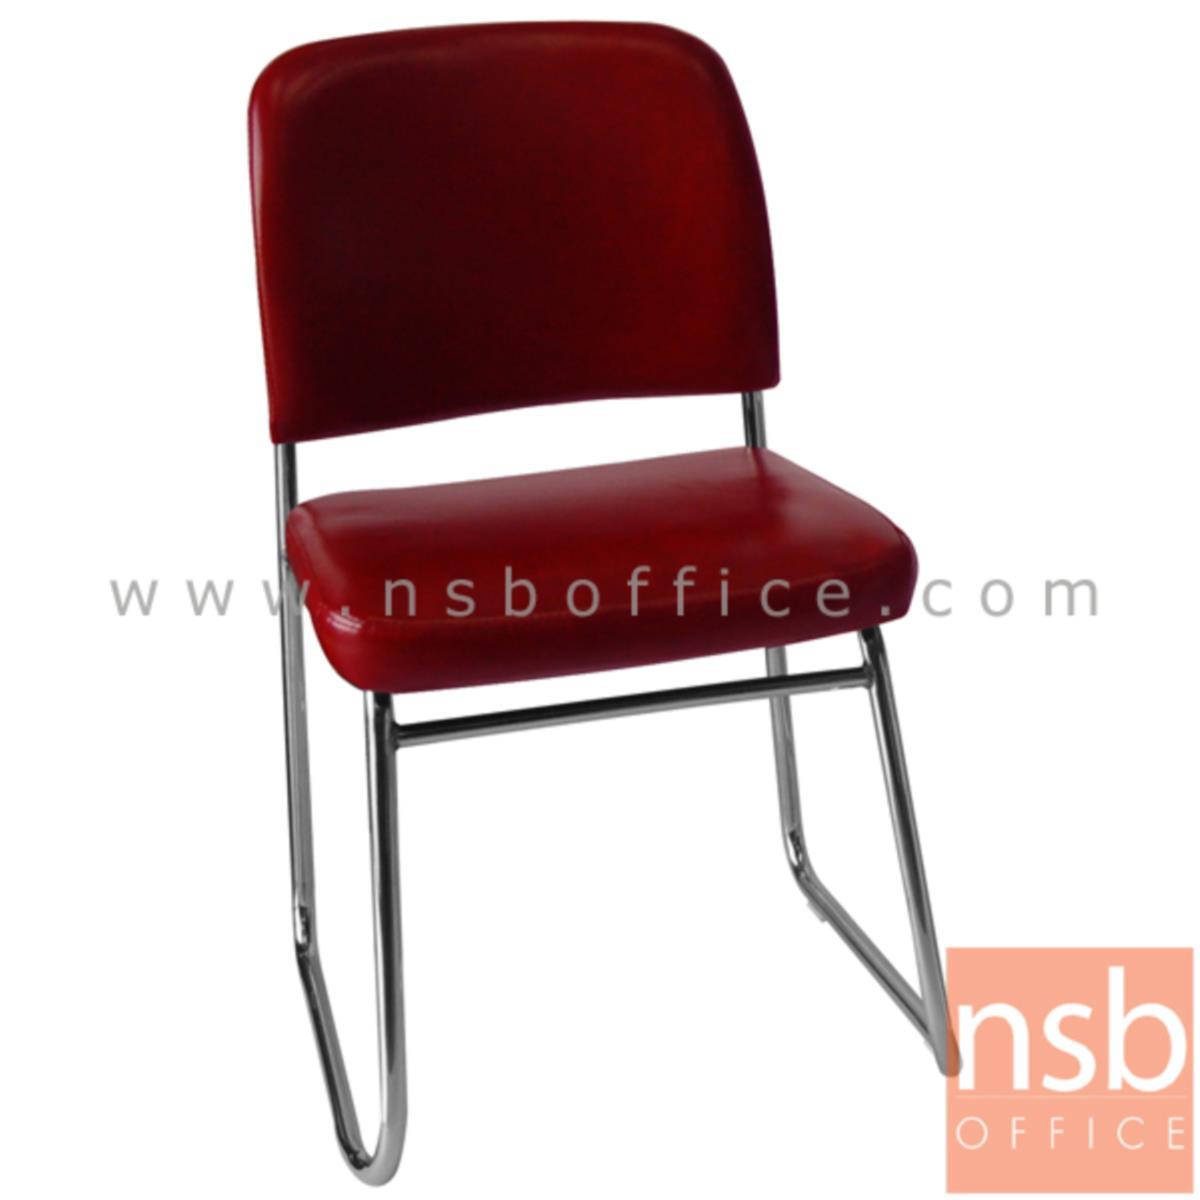 B05A165:เก้าอี้รับแขกขาตัวยู รุ่น Pearce (เพียร์ซ)  ขาเหล็กชุบโครเมี่ยม